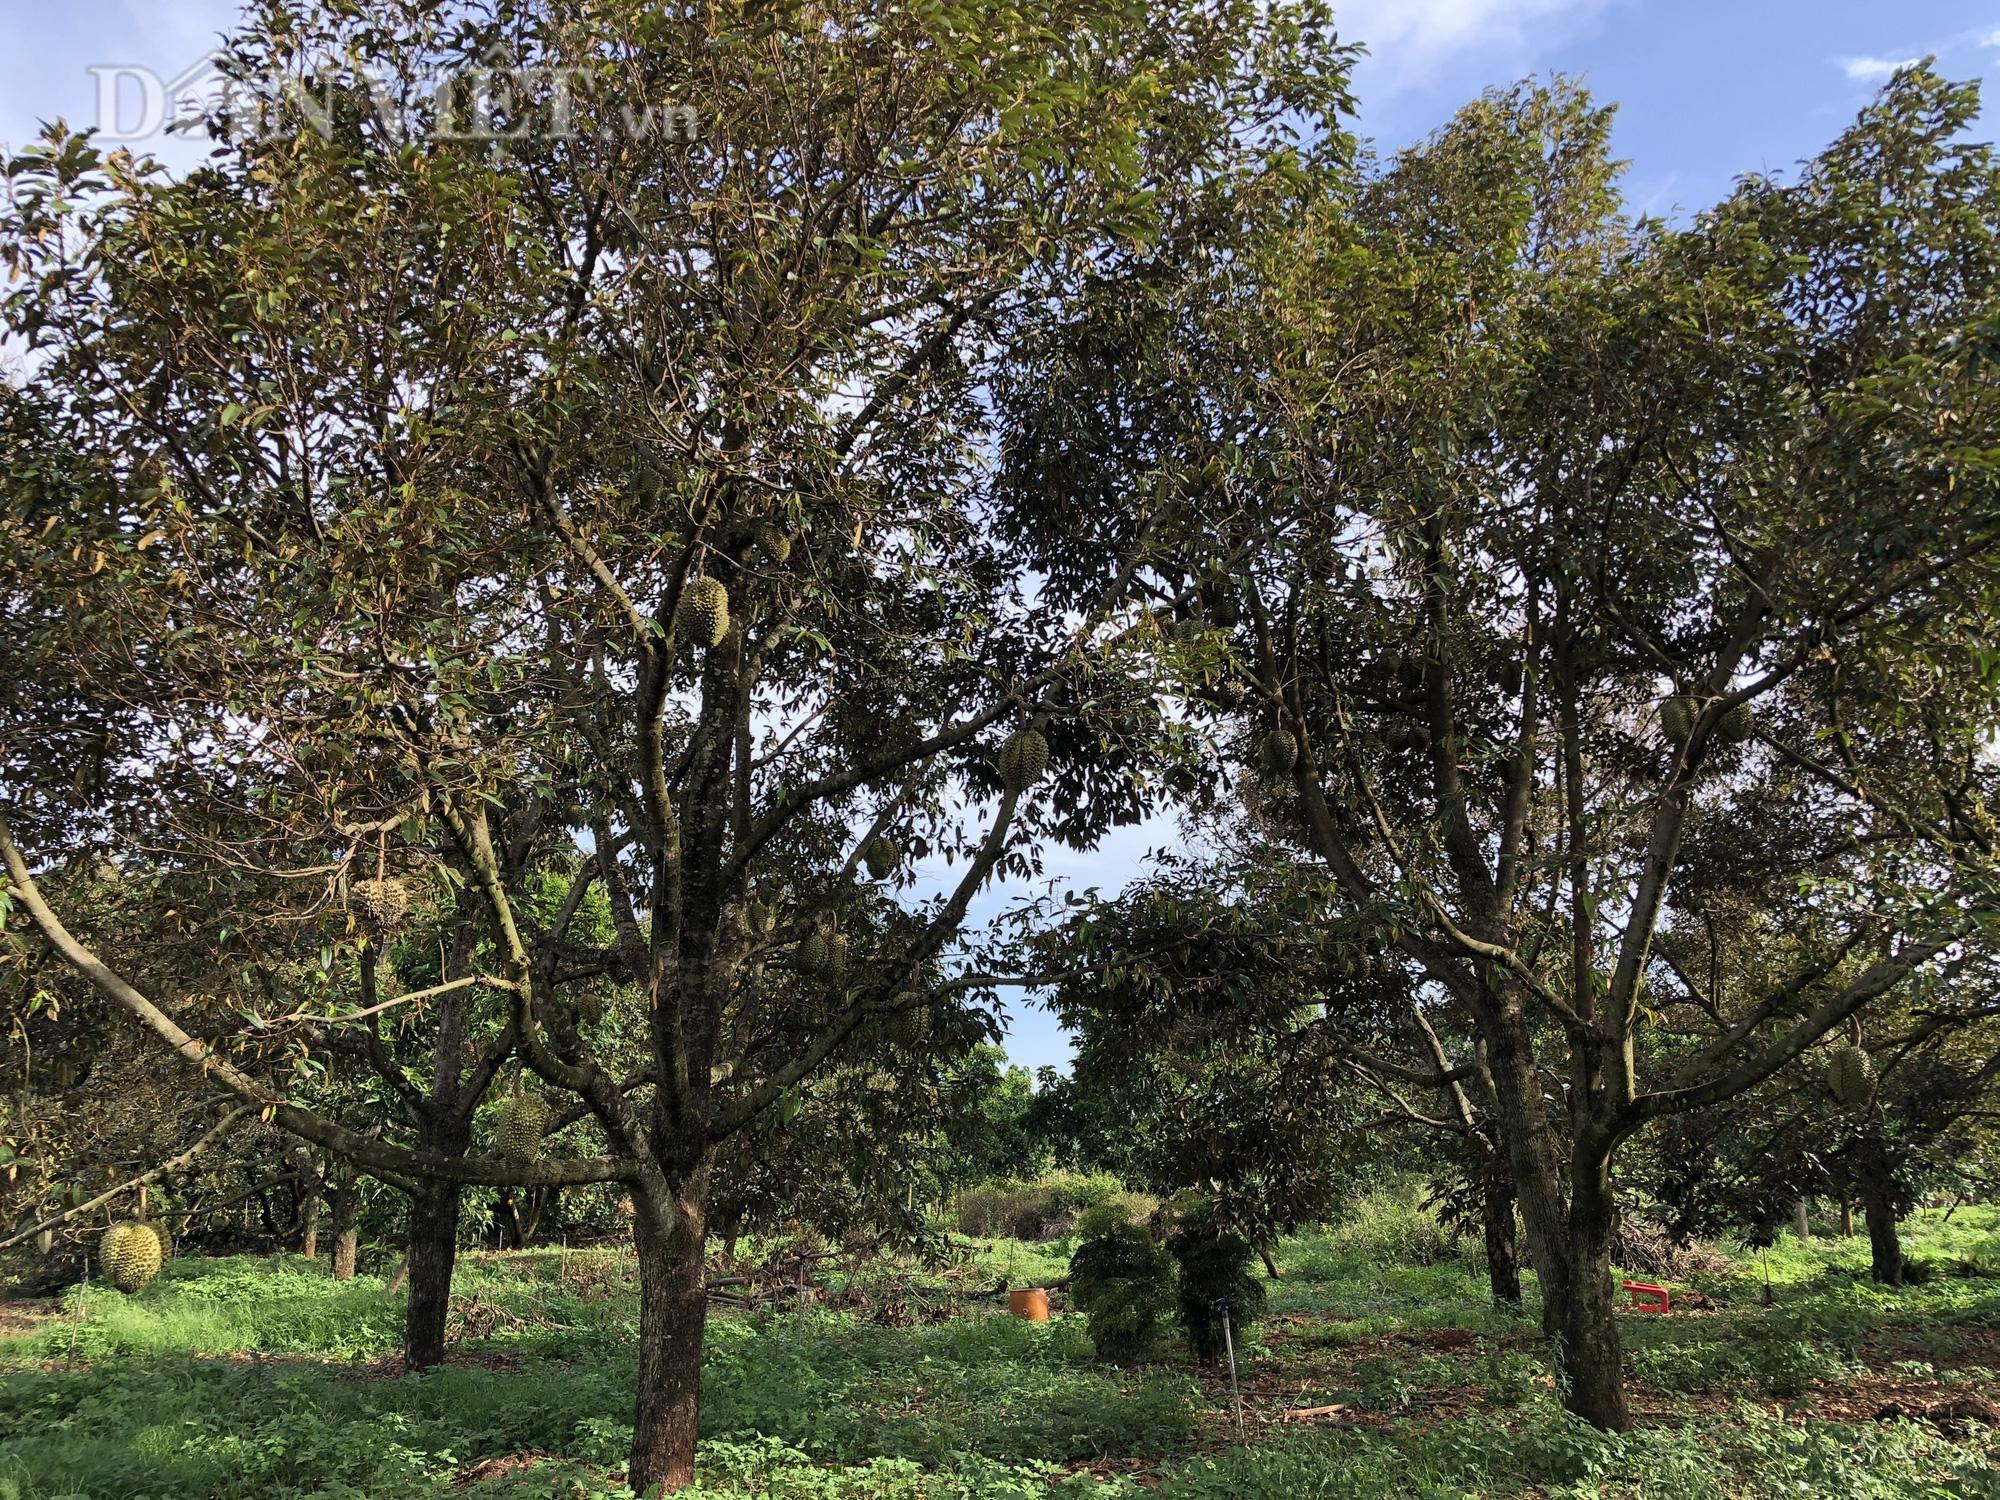 Người phụ nữ đào bỏ tiêu, bơ hiến hơn 1.500m2 đất làm đường - Ảnh 2.